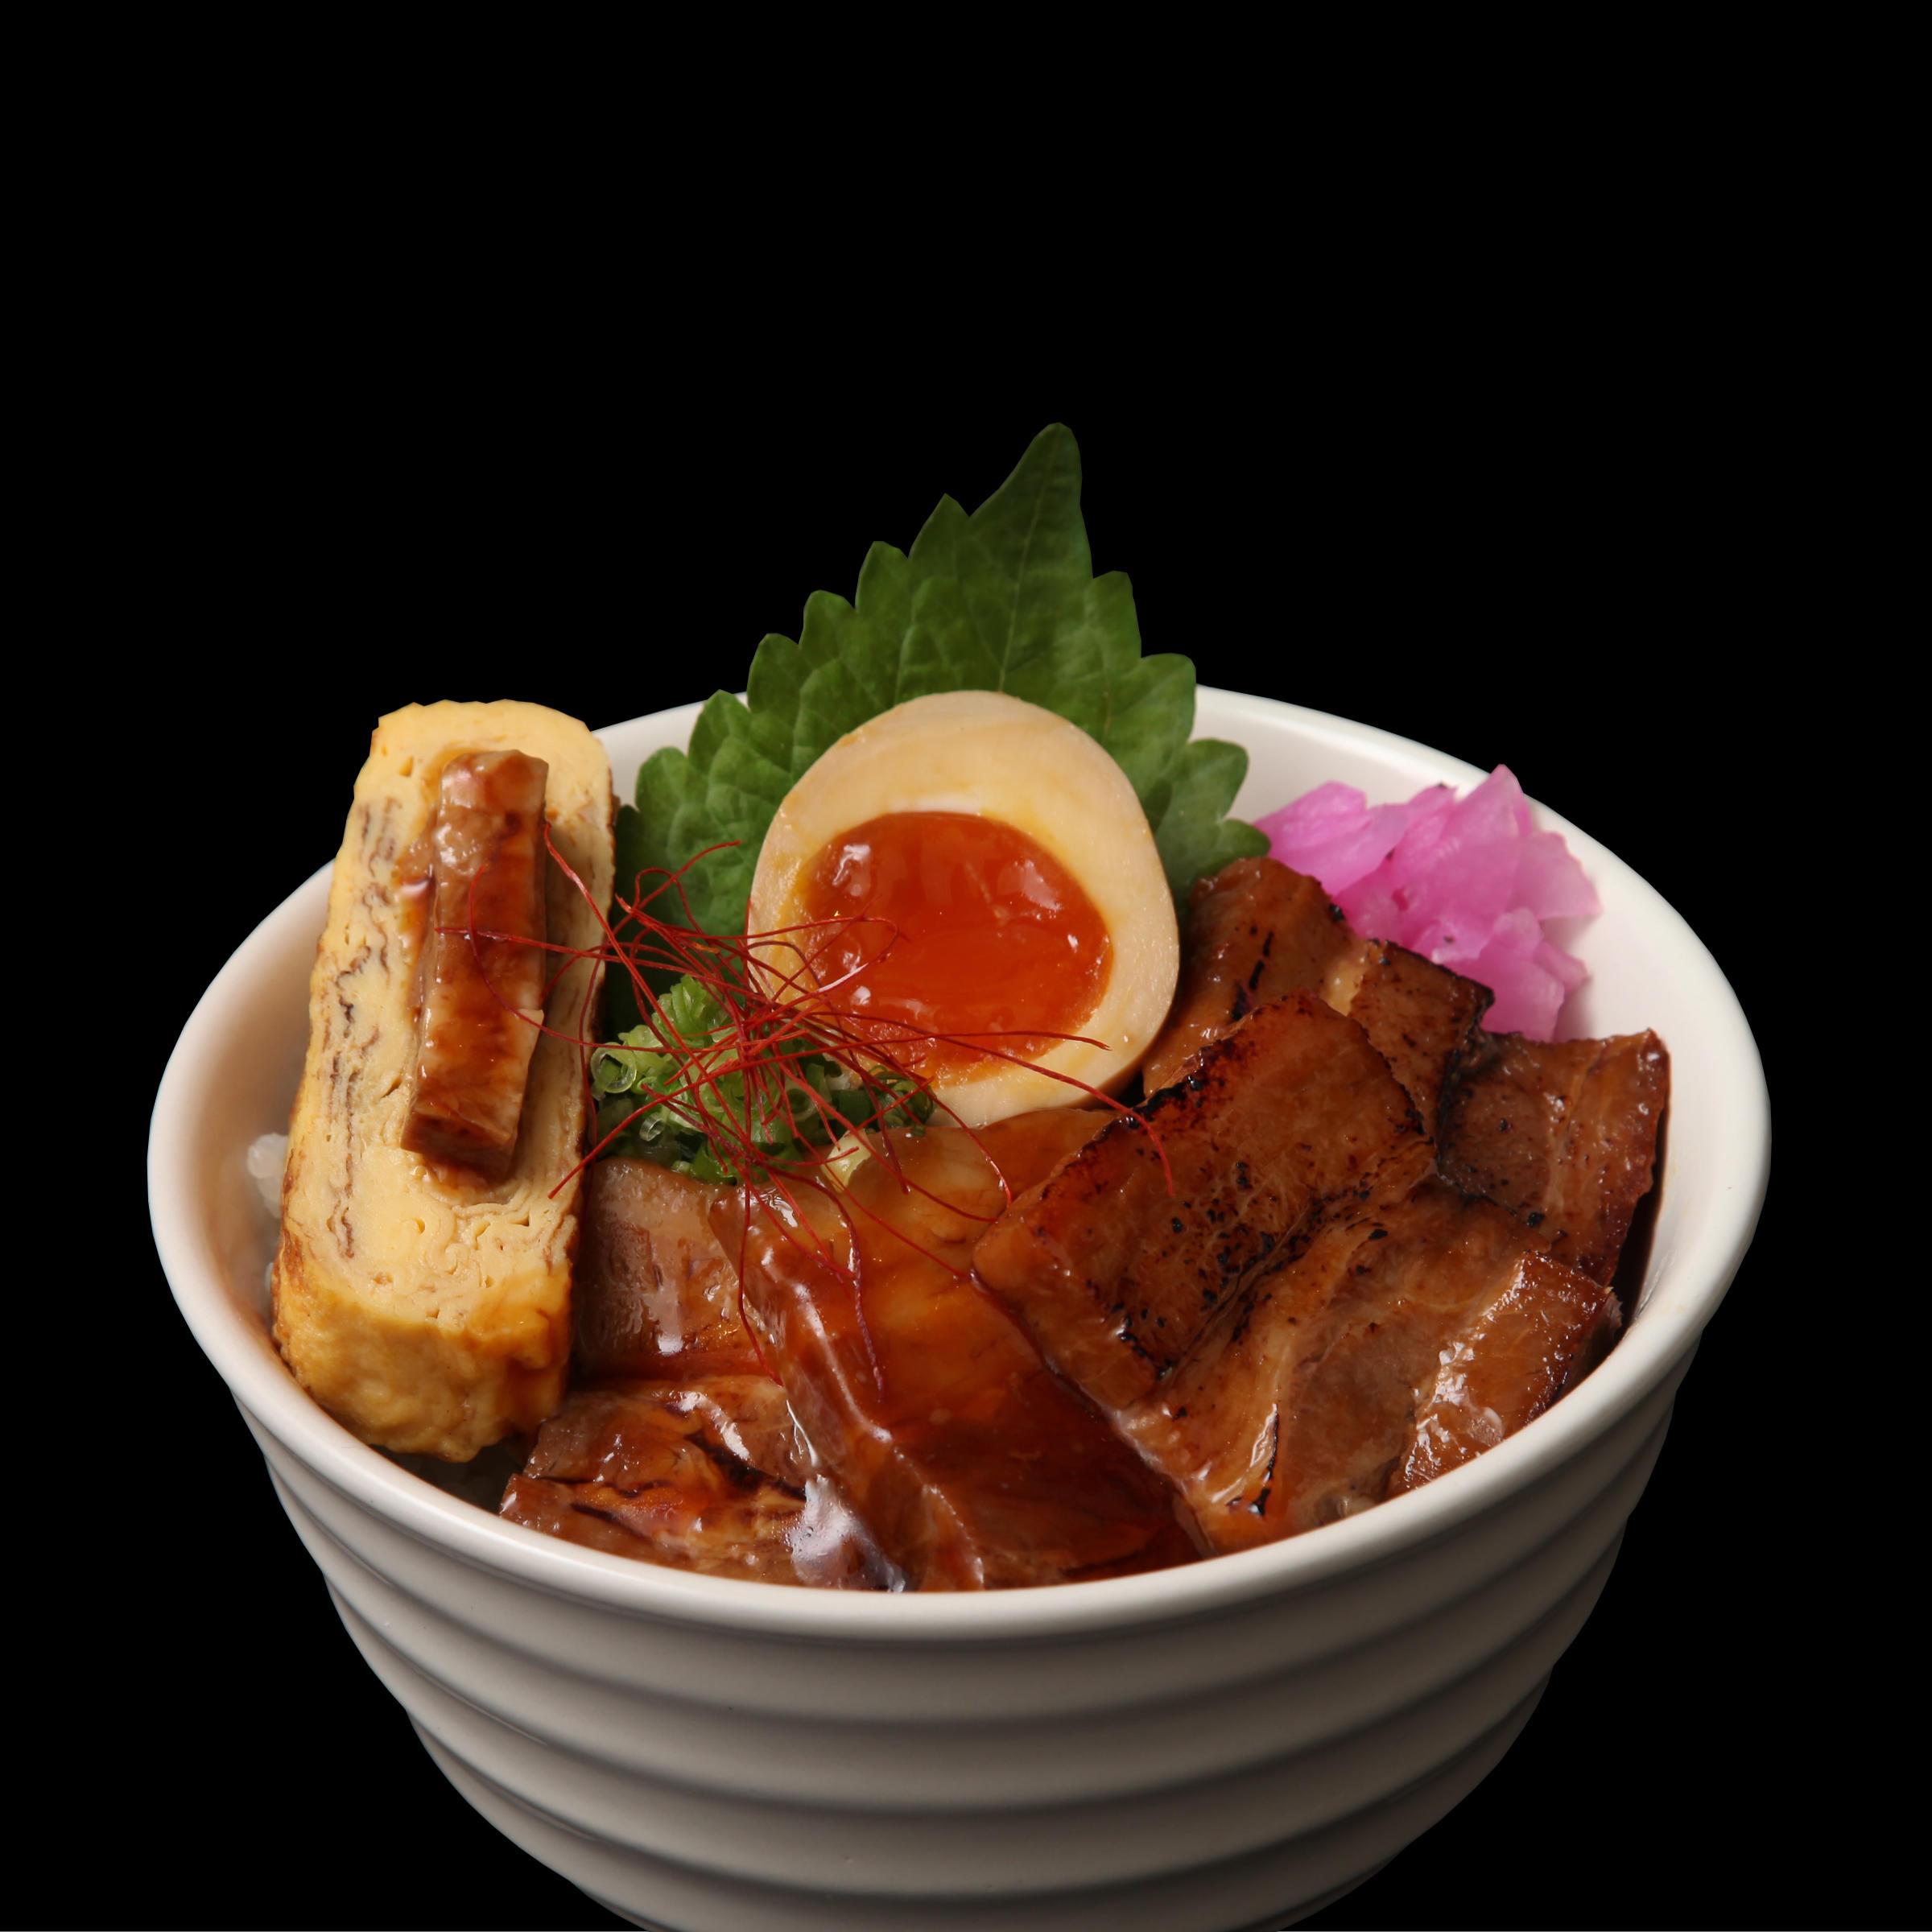 『ふるさと祭り東京2020』開催! うにめし丼やローストポーク丼など、「全国ご当地どんぶり選手権」のおすすめ5選_2